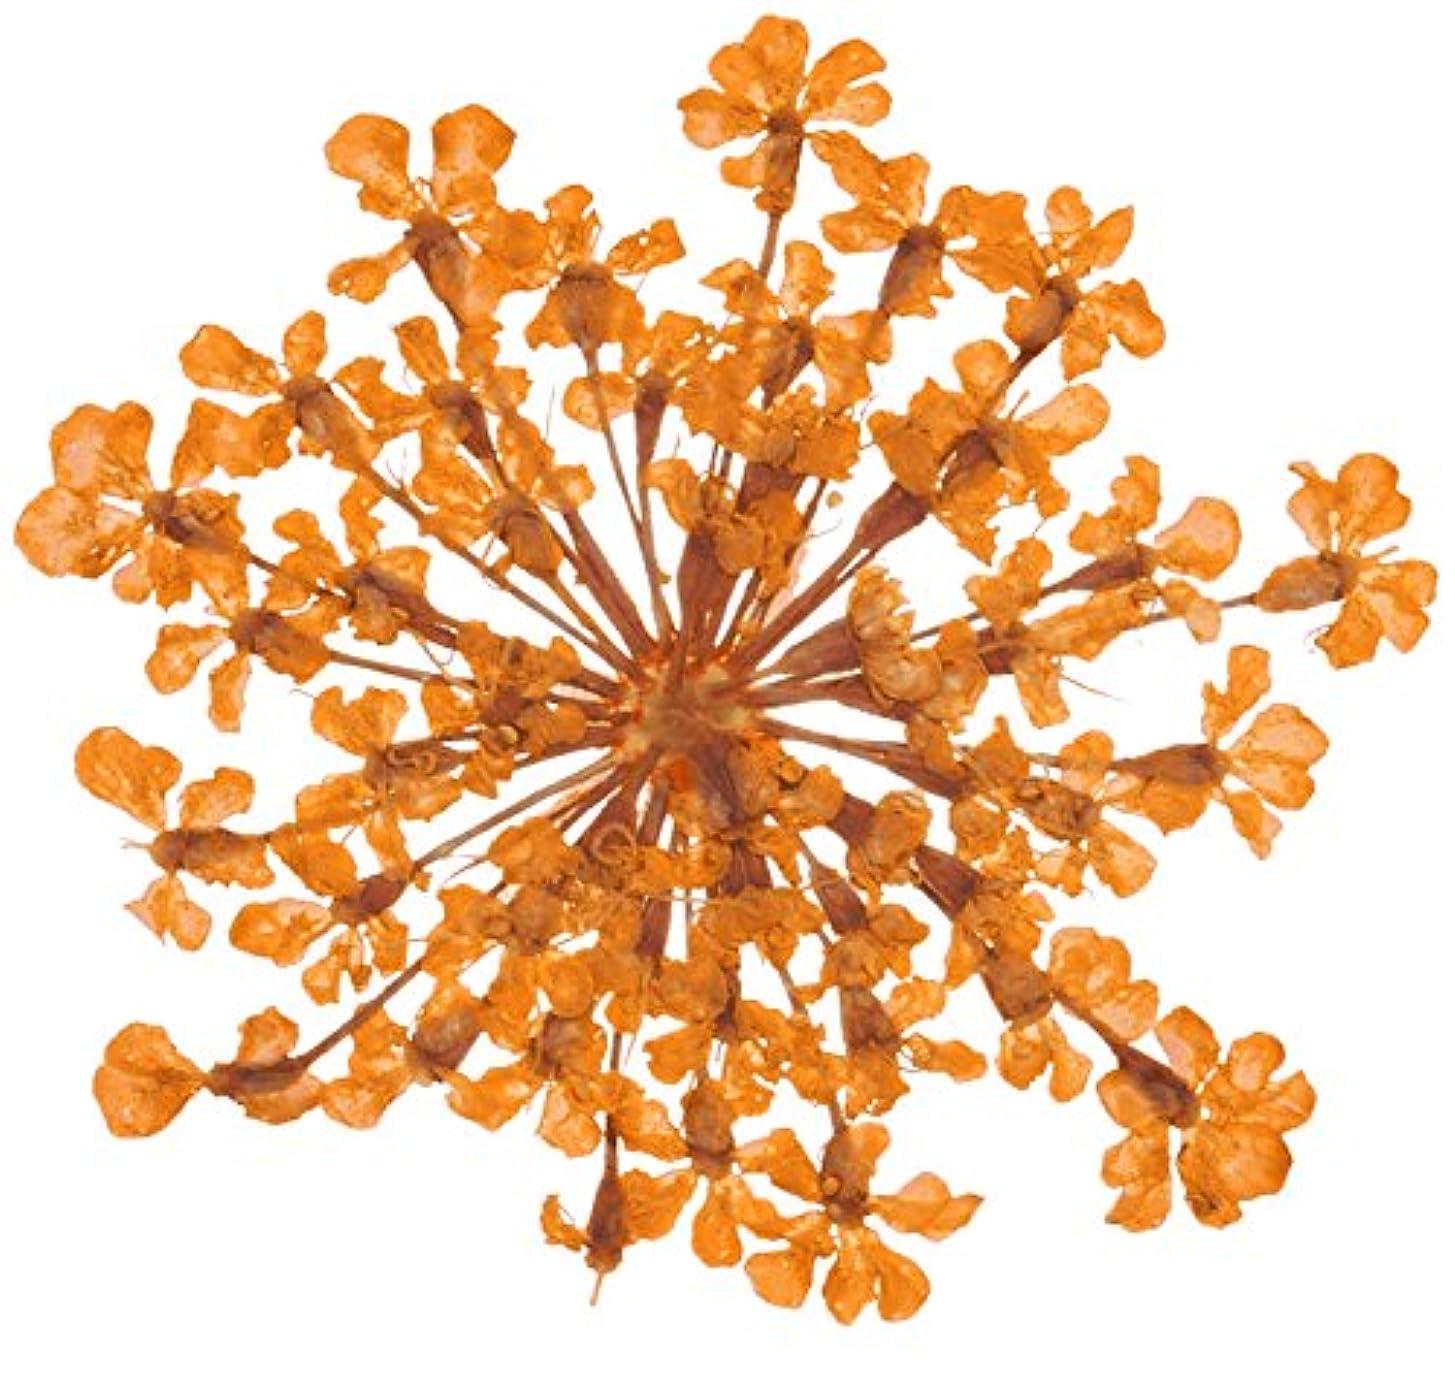 受取人目を覚ます過ちベィビーズブレス BB-7 オレンジ 約10枚